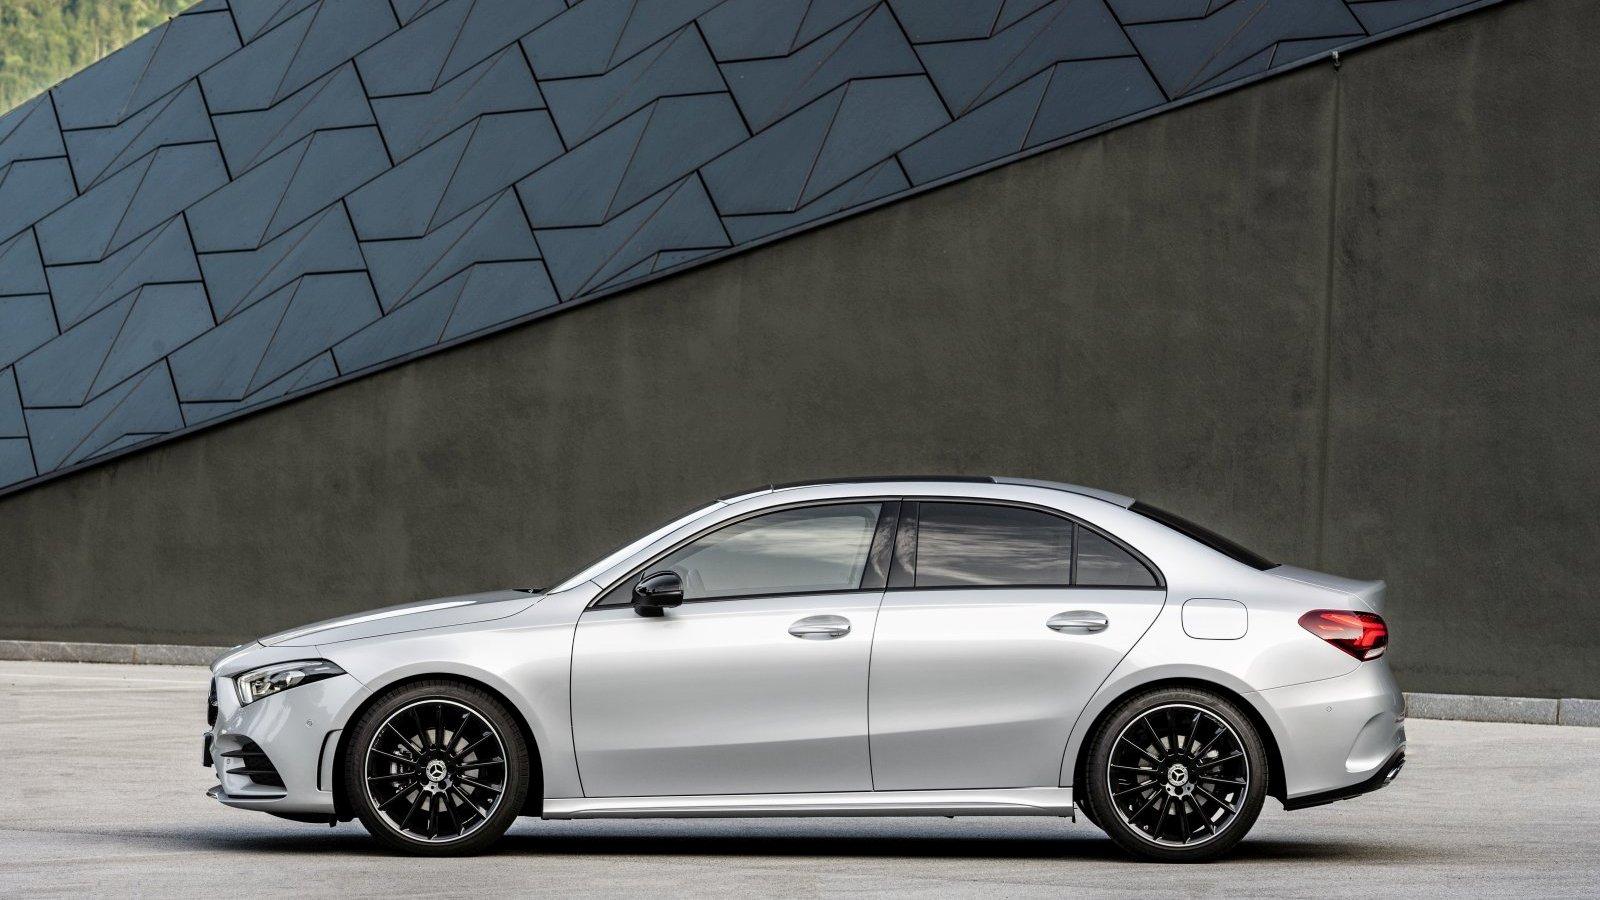 mercedes a klasse limousine vorgestellt alles auto. Black Bedroom Furniture Sets. Home Design Ideas